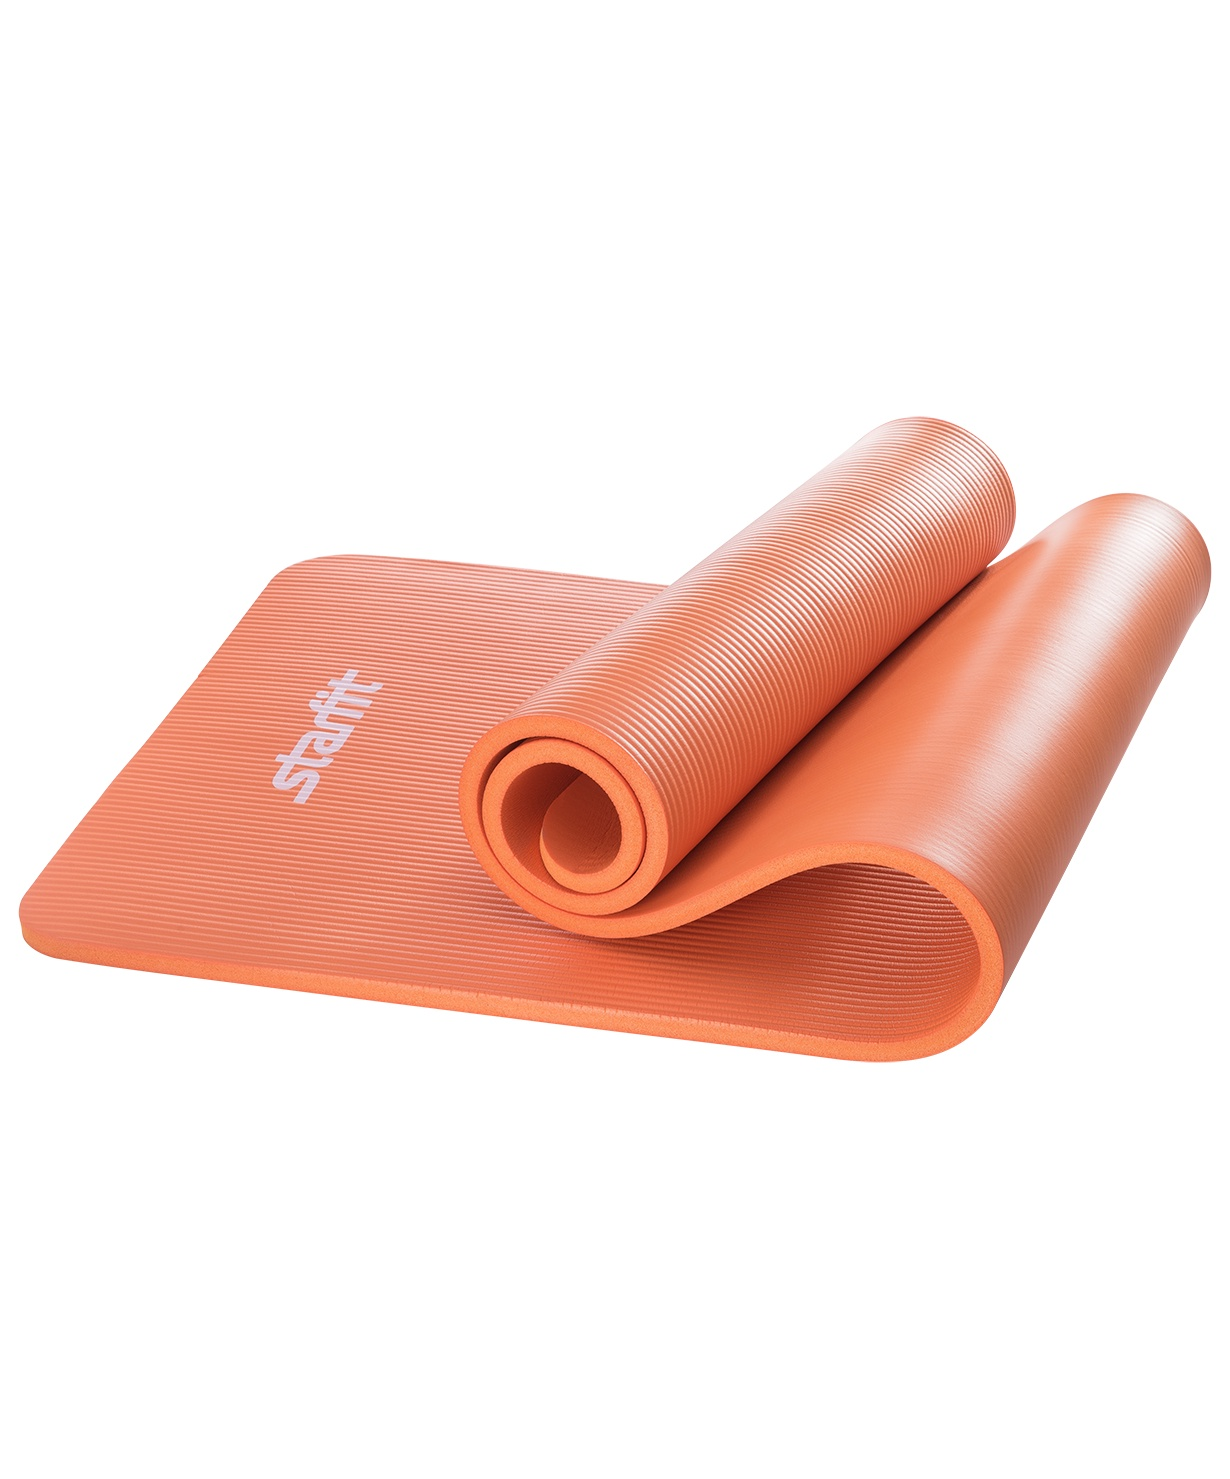 Коврик для йоги STARFIT FM-301 NBR 183x58x1,5 см, оранжевый